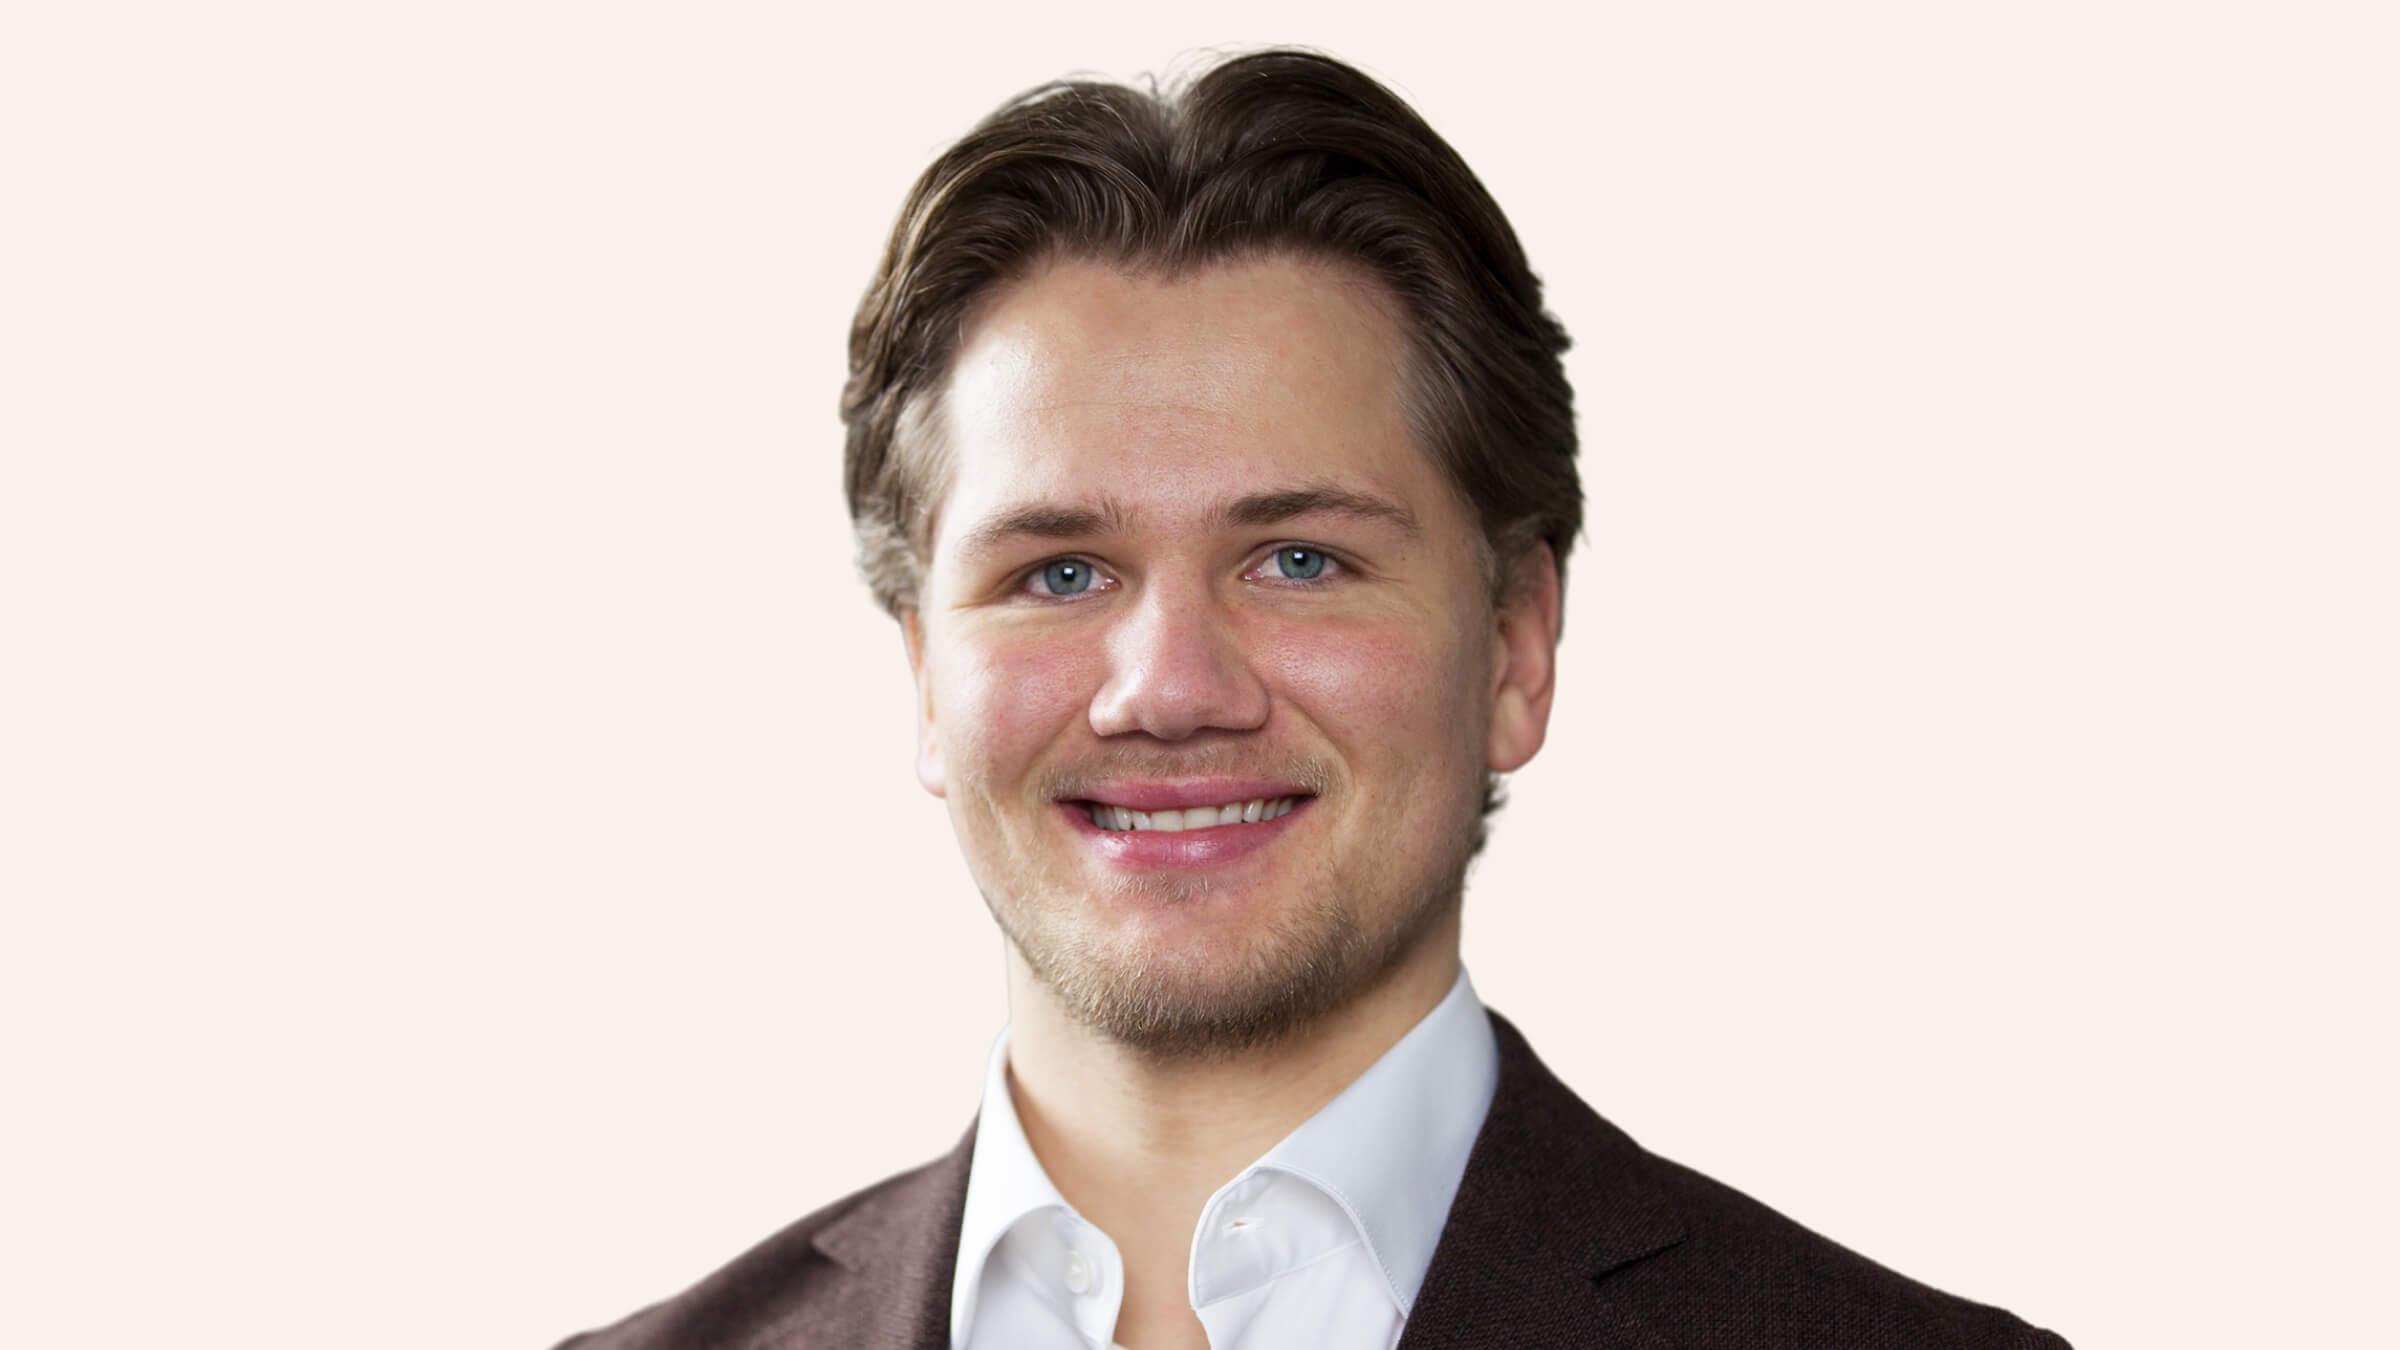 Jens Oliver Haukelidsæter